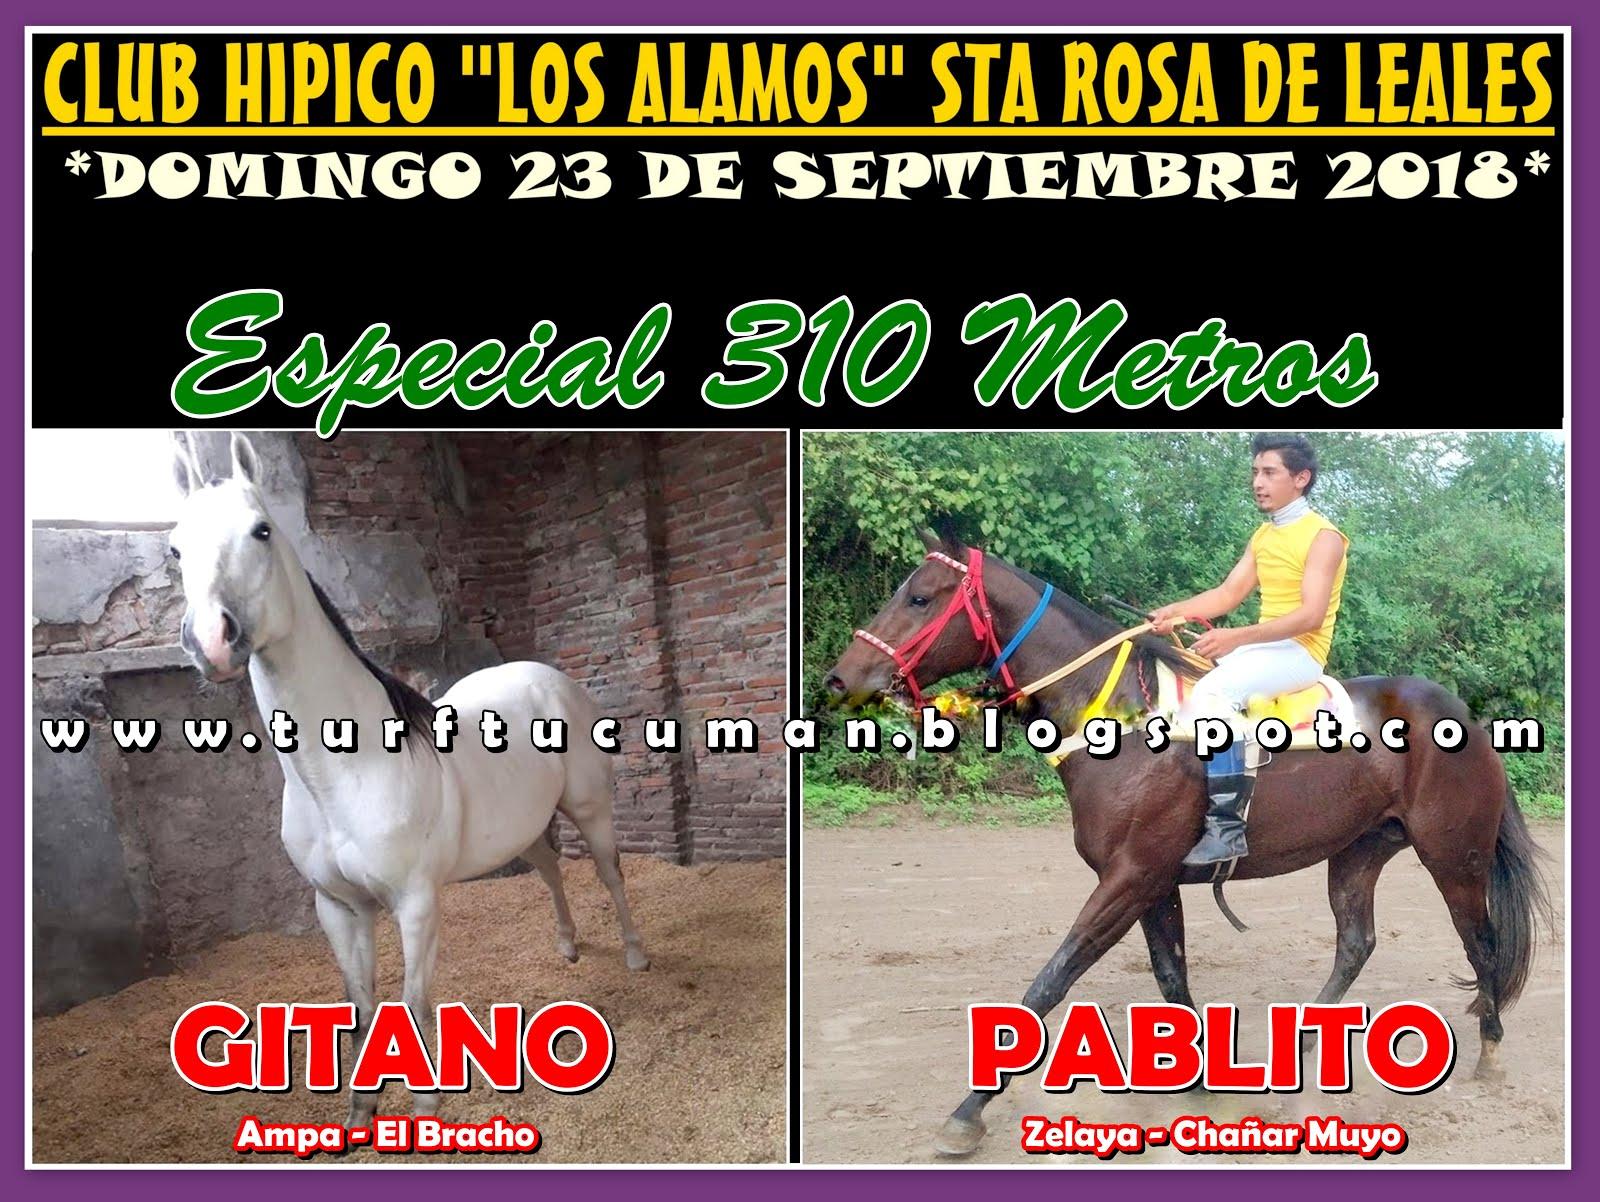 GITANO VS PABLO